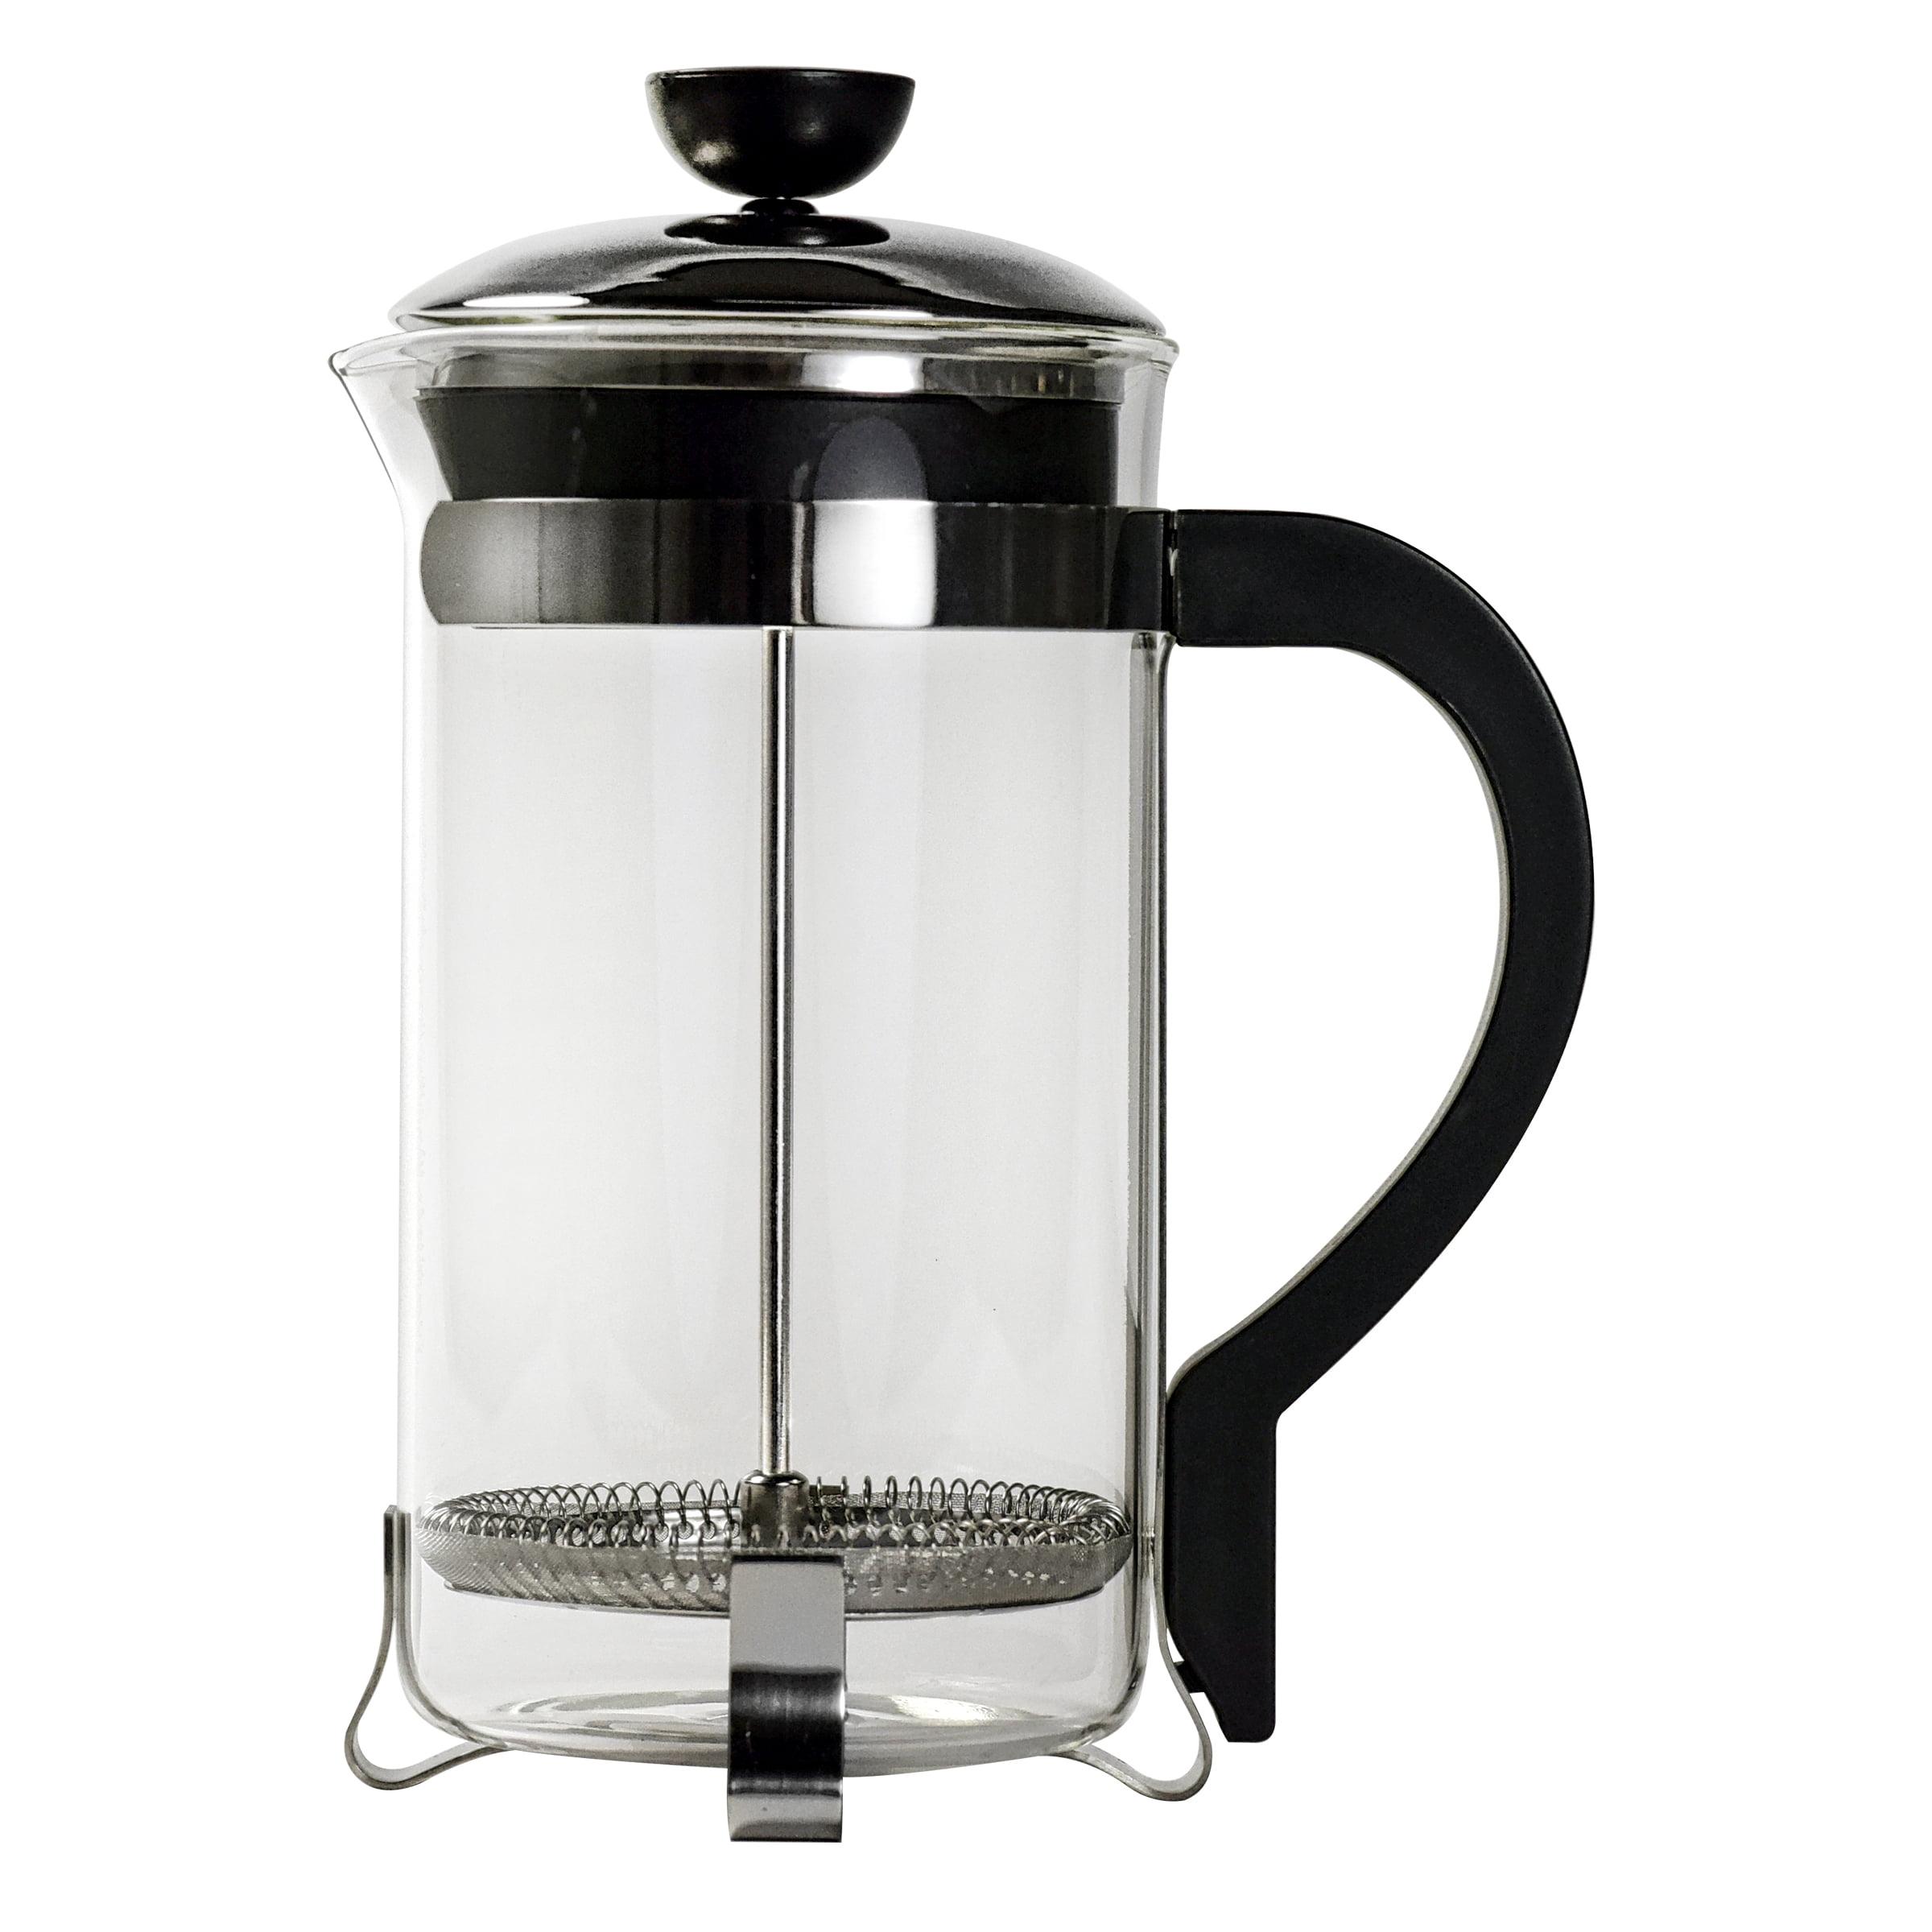 Primula Classic Coffee French Press, 8 Cup, 32 Oz, Chrome